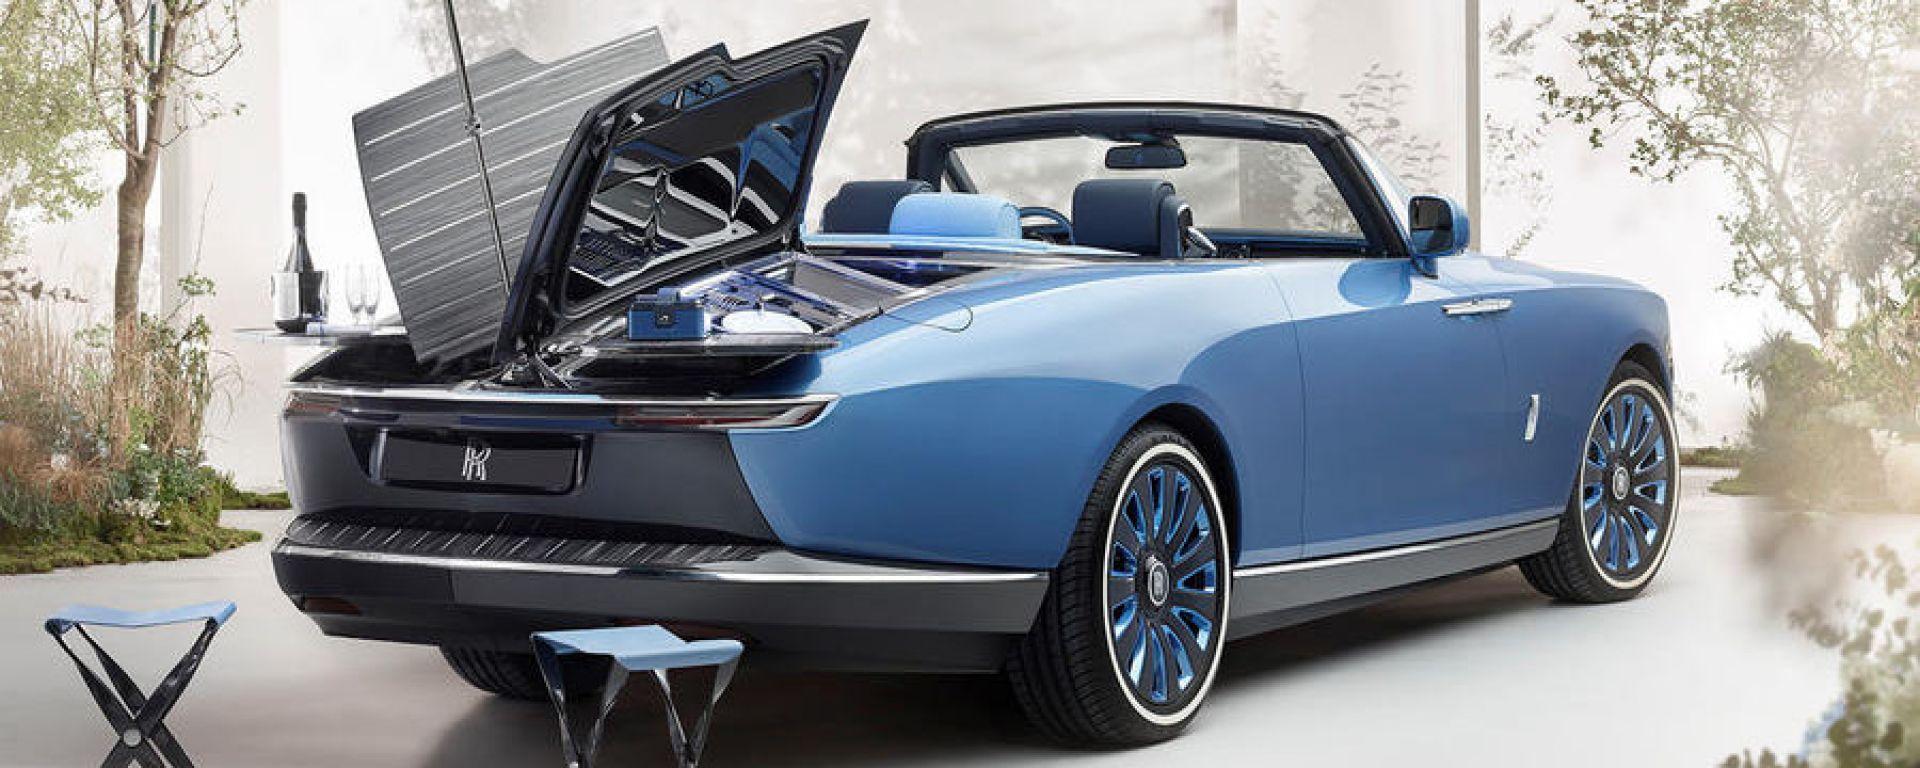 Rolls-Royce Boat Tail: la particolare apertura del cofano posteriore